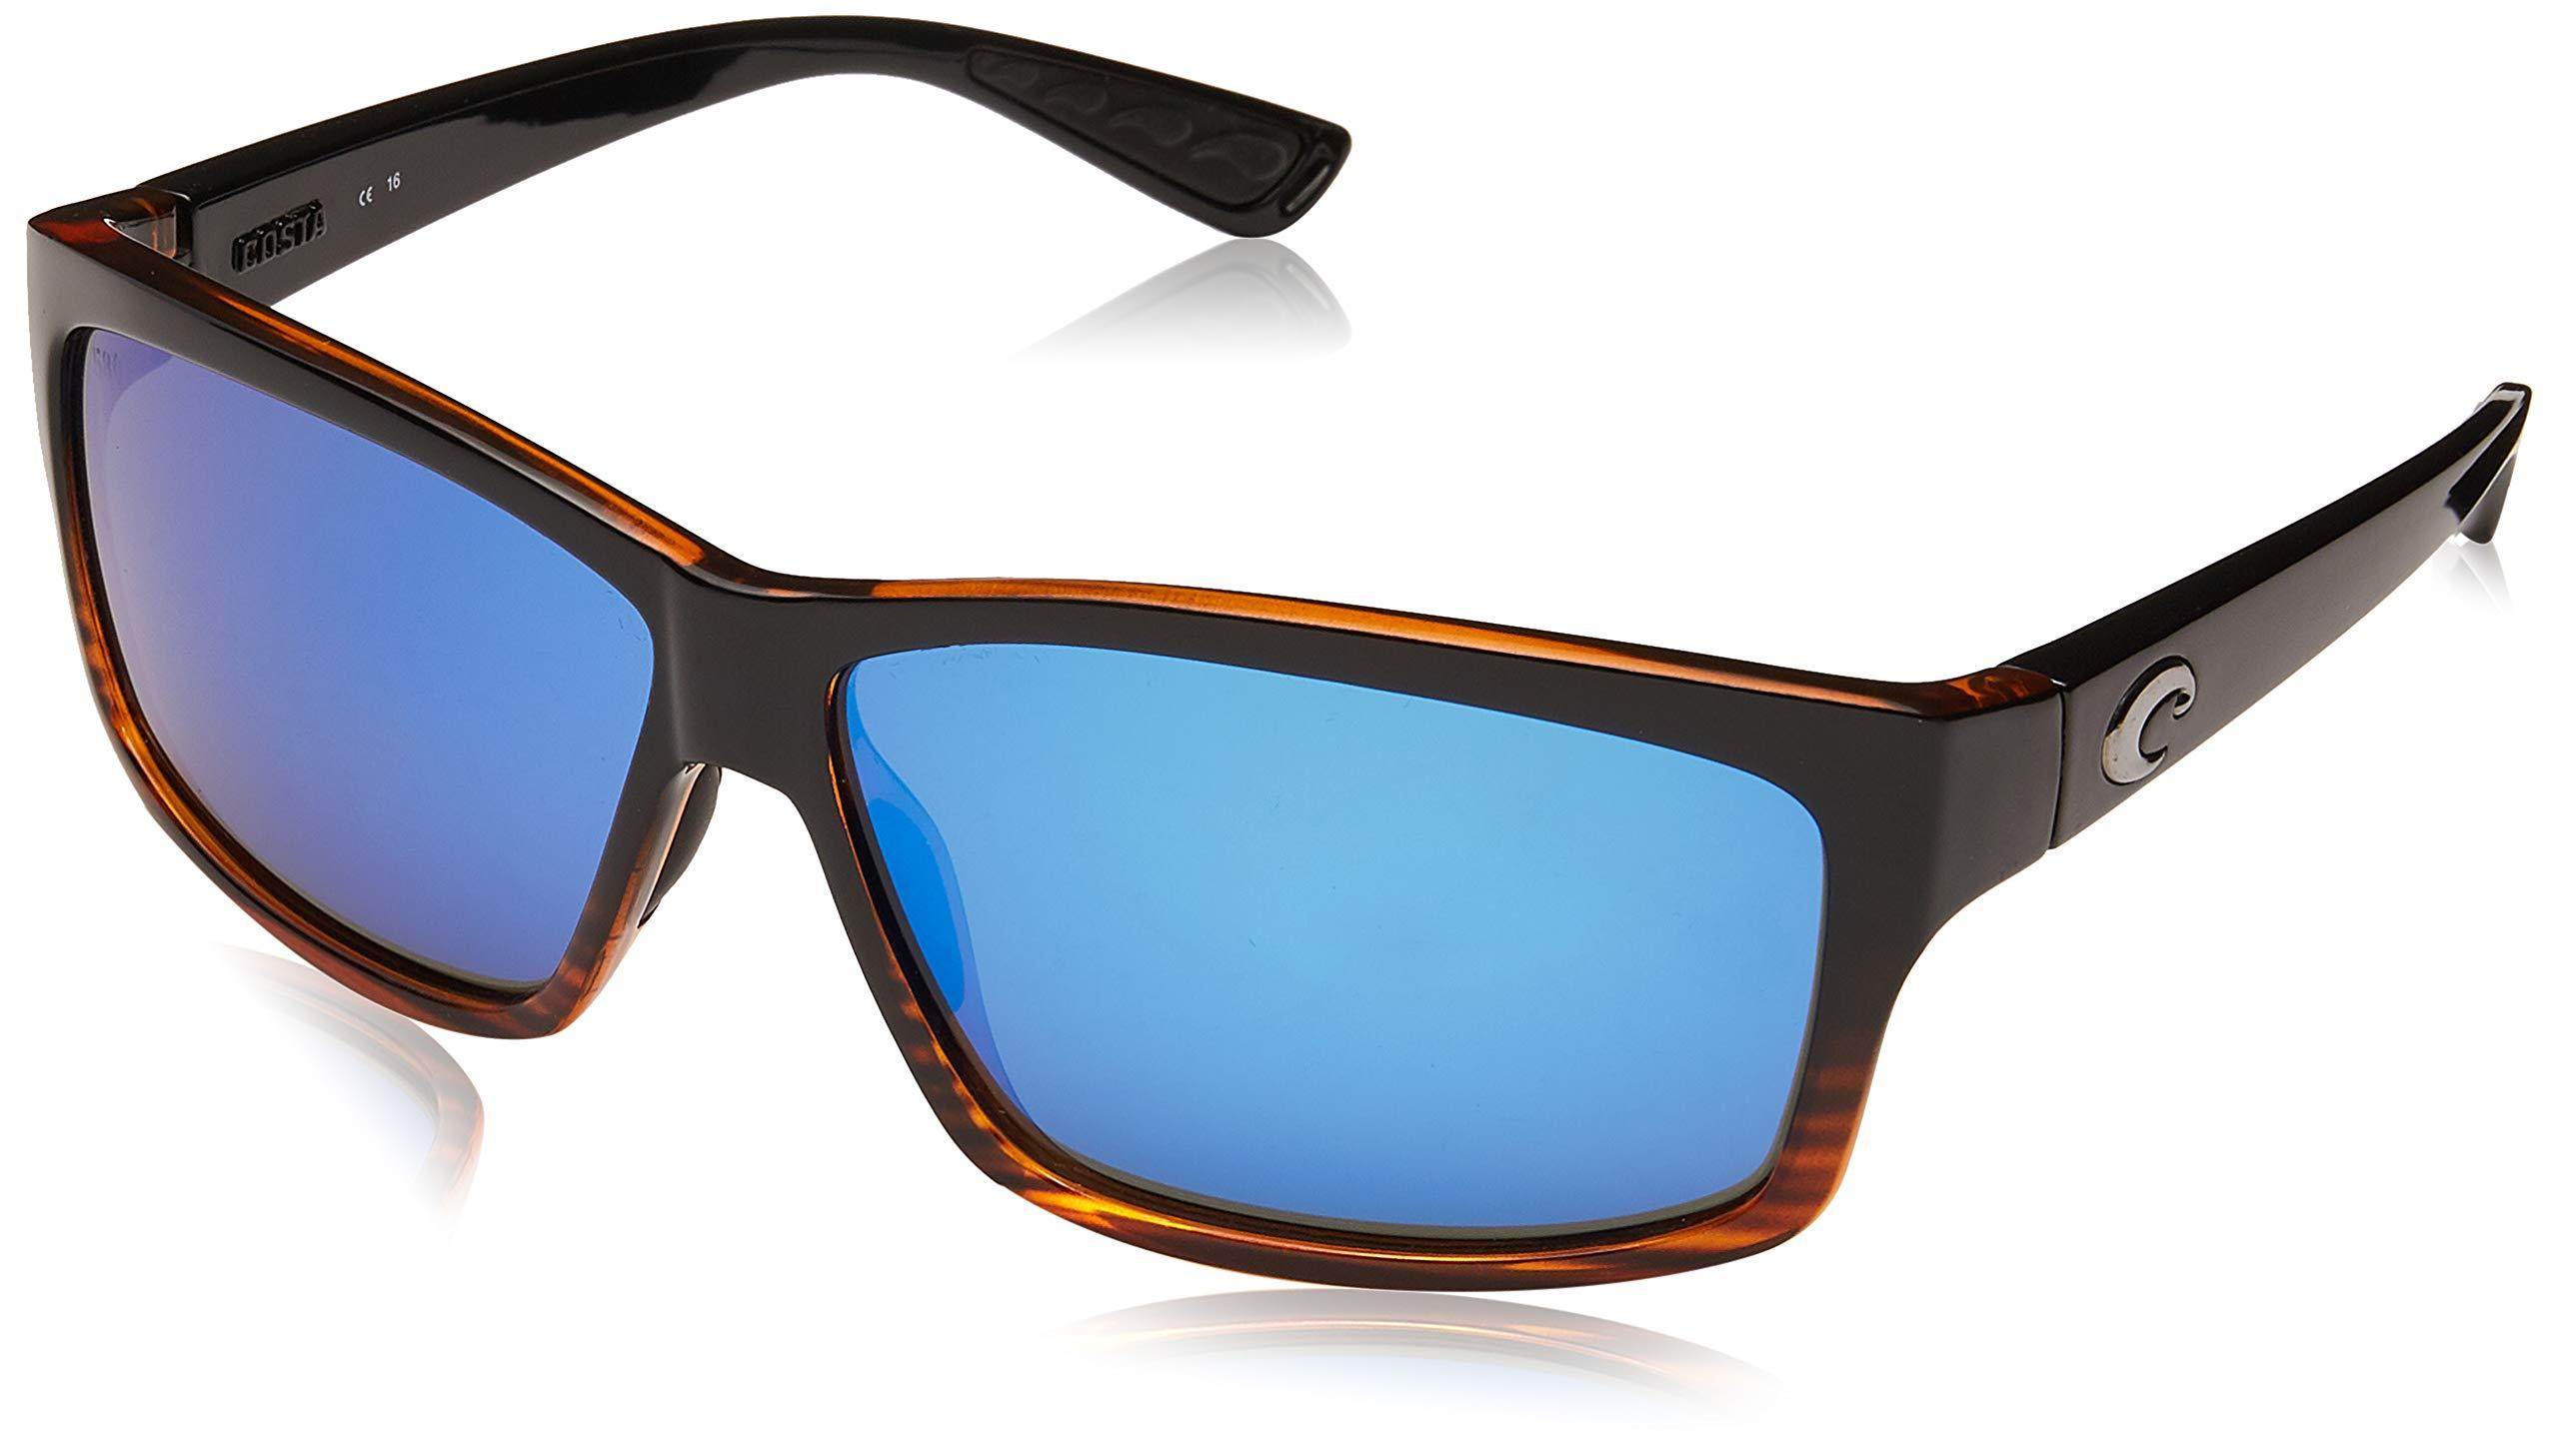 Costa del Mar Cut Polarized Rectangular Sunglasses, Coconut Fade/Blue Mirror 580 Glass by Costa Del Mar